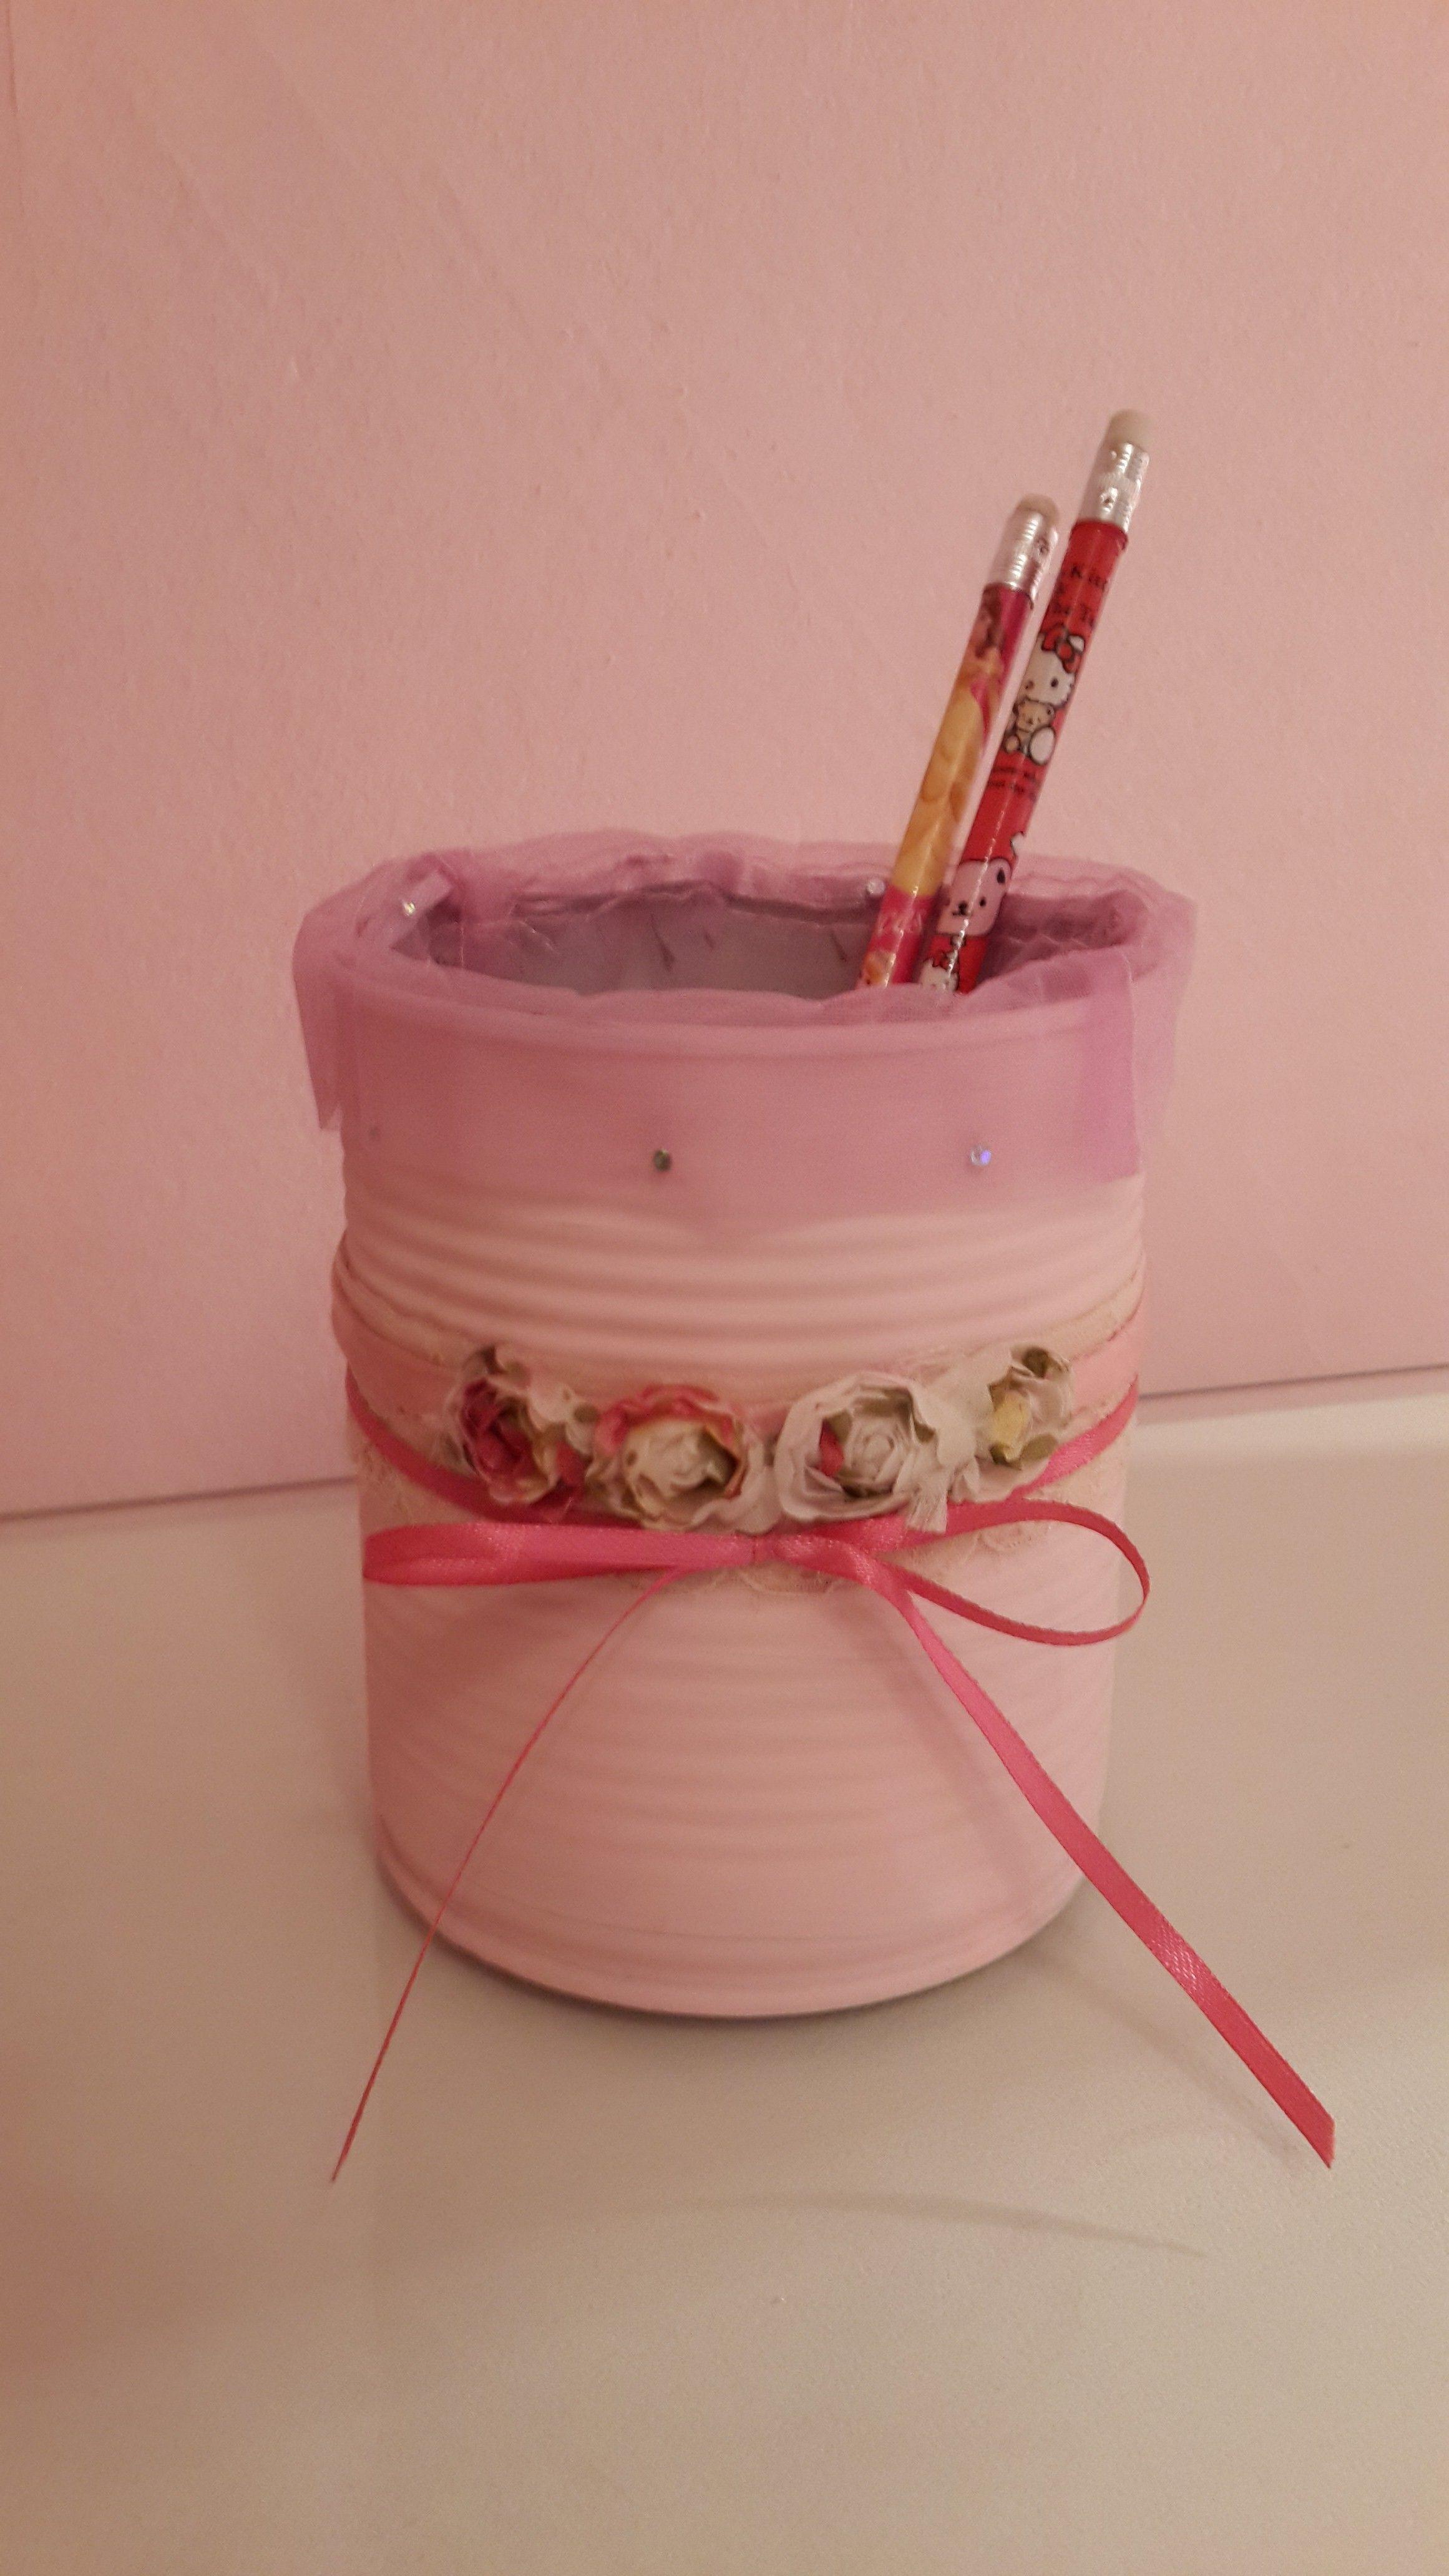 Con una lata de conservas,  un poco de pintura rosa y algunas florcitas rococo se realizo un hermoso porta lapices